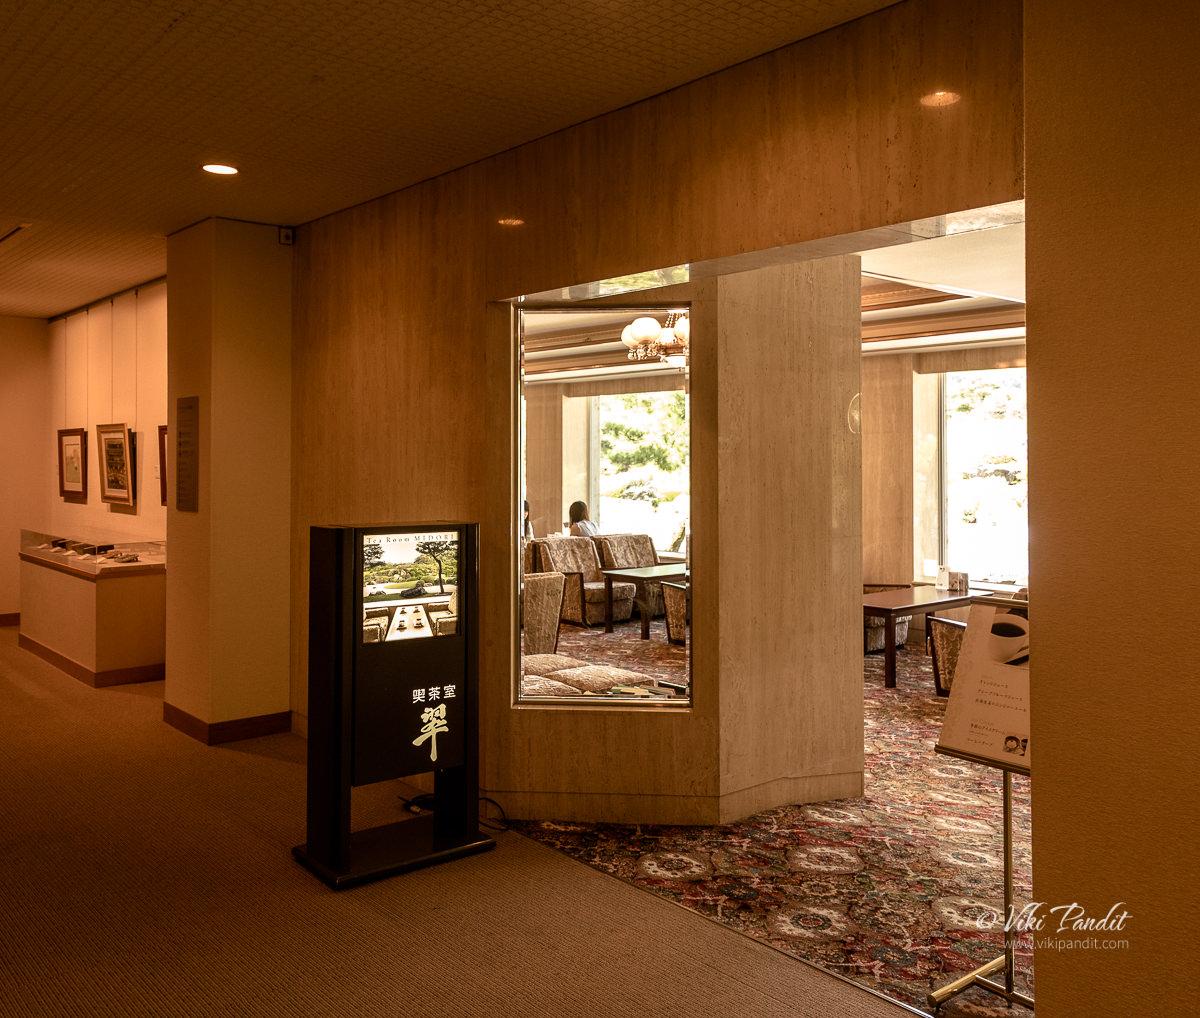 Midori Tea Room